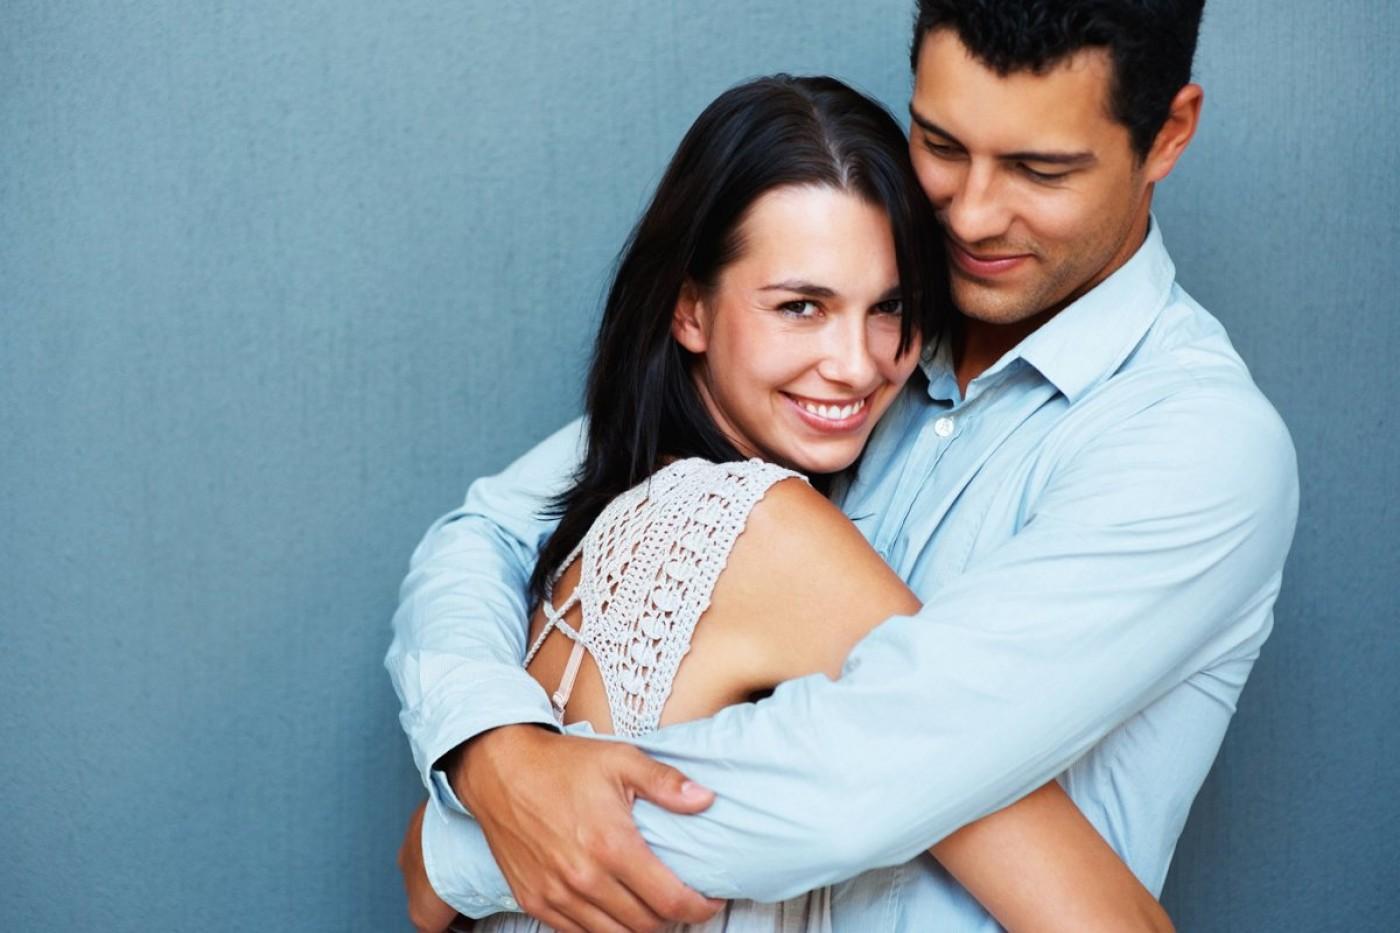 Антиоксиданты и их влияние на здоровье и репродуктивную функцию